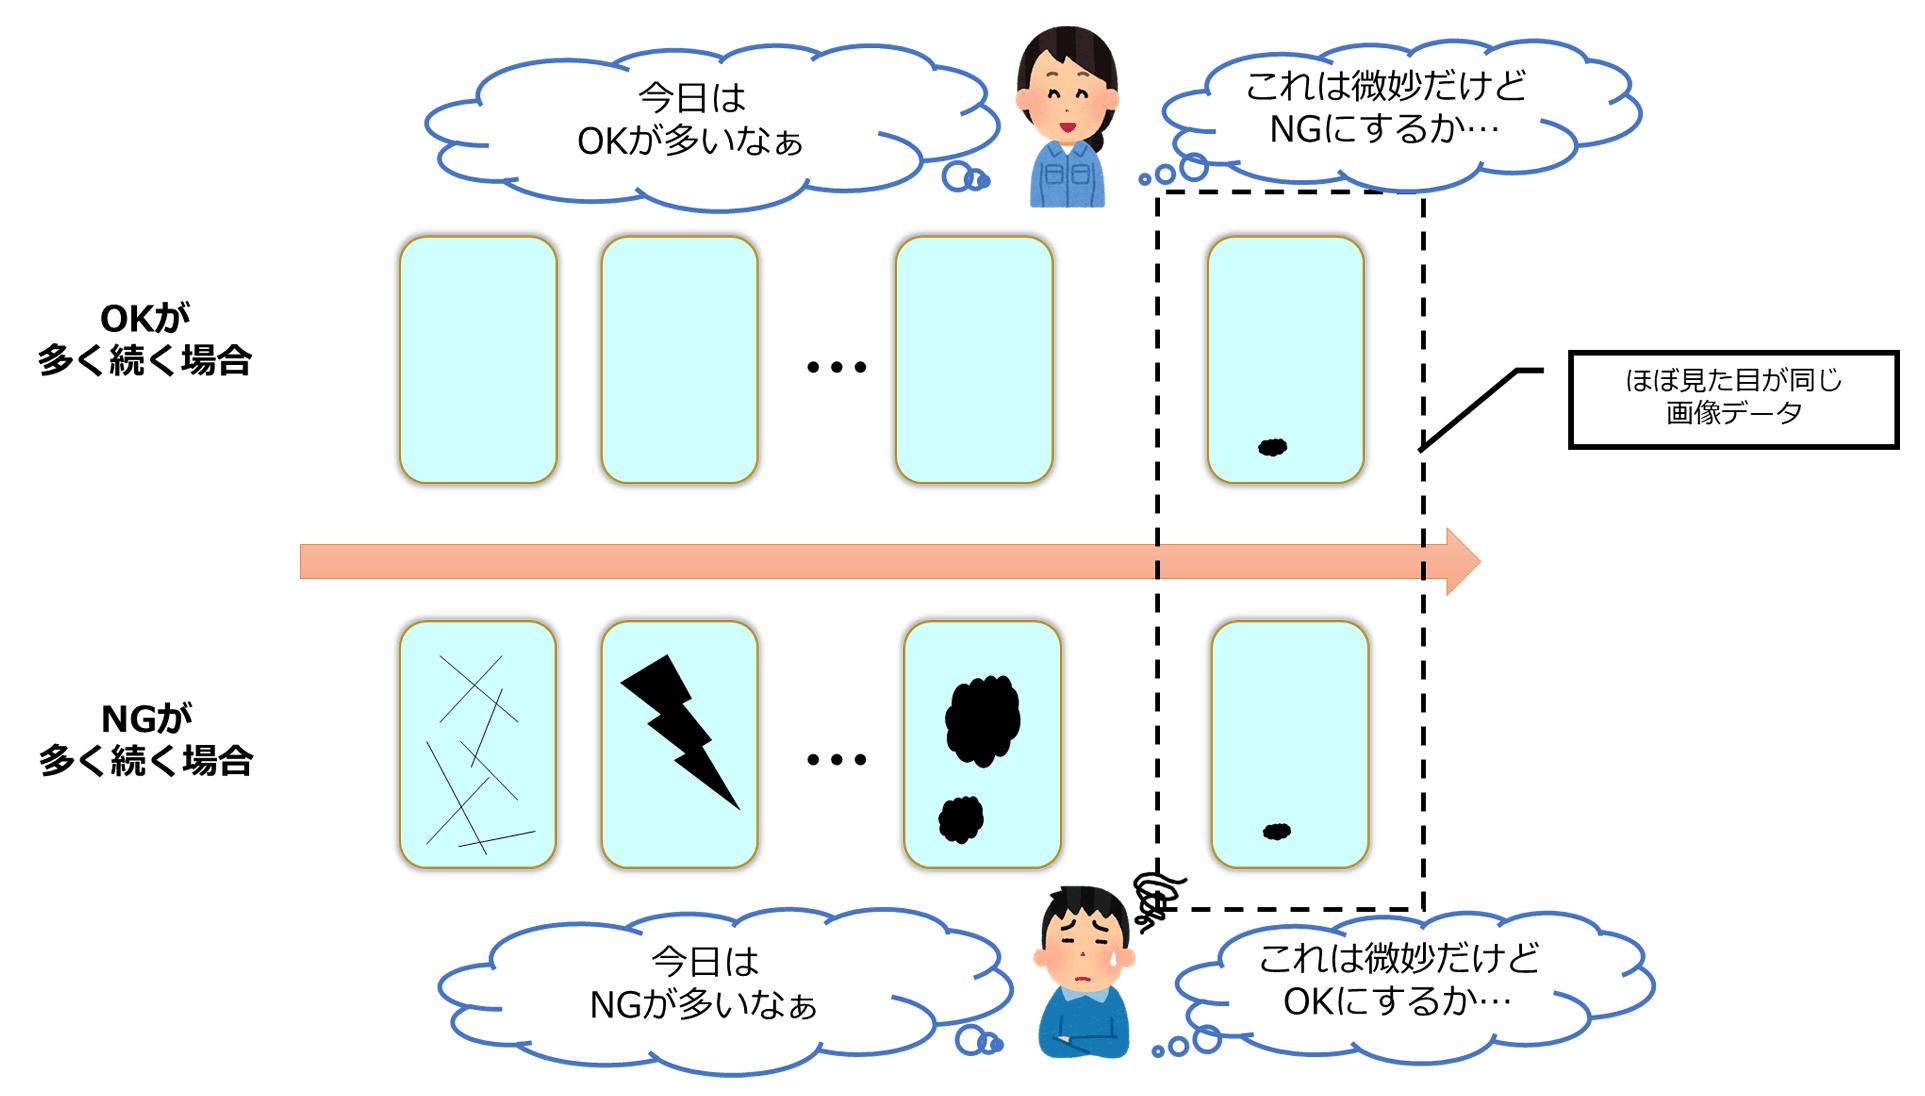 図 5 画像データの並びがラベリング結果に影響する例